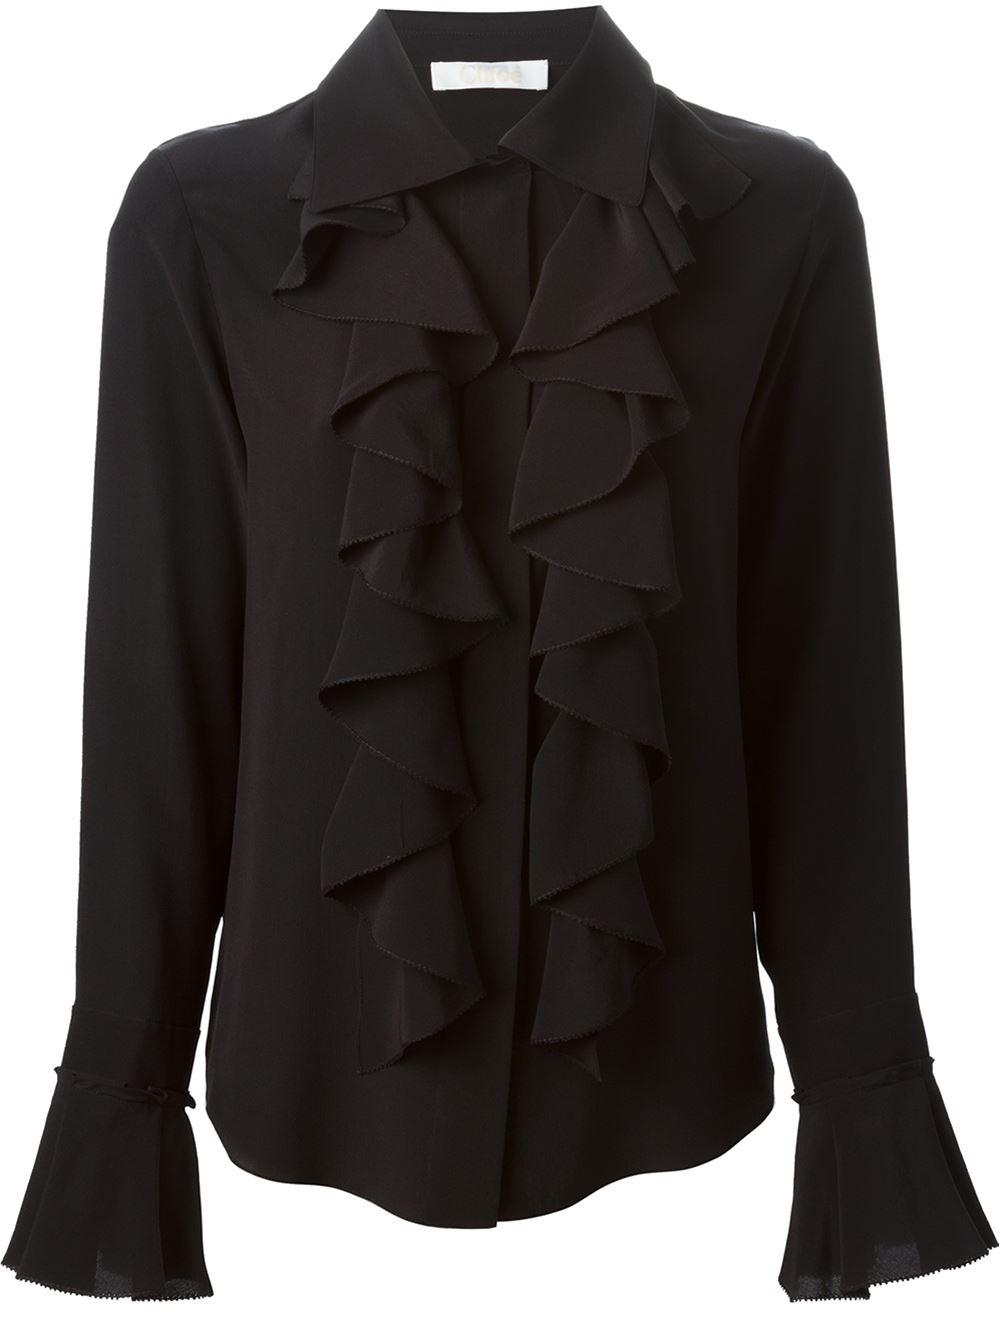 Amy Blue Ruffle Sleeve Shirt |Ruffle Shirt